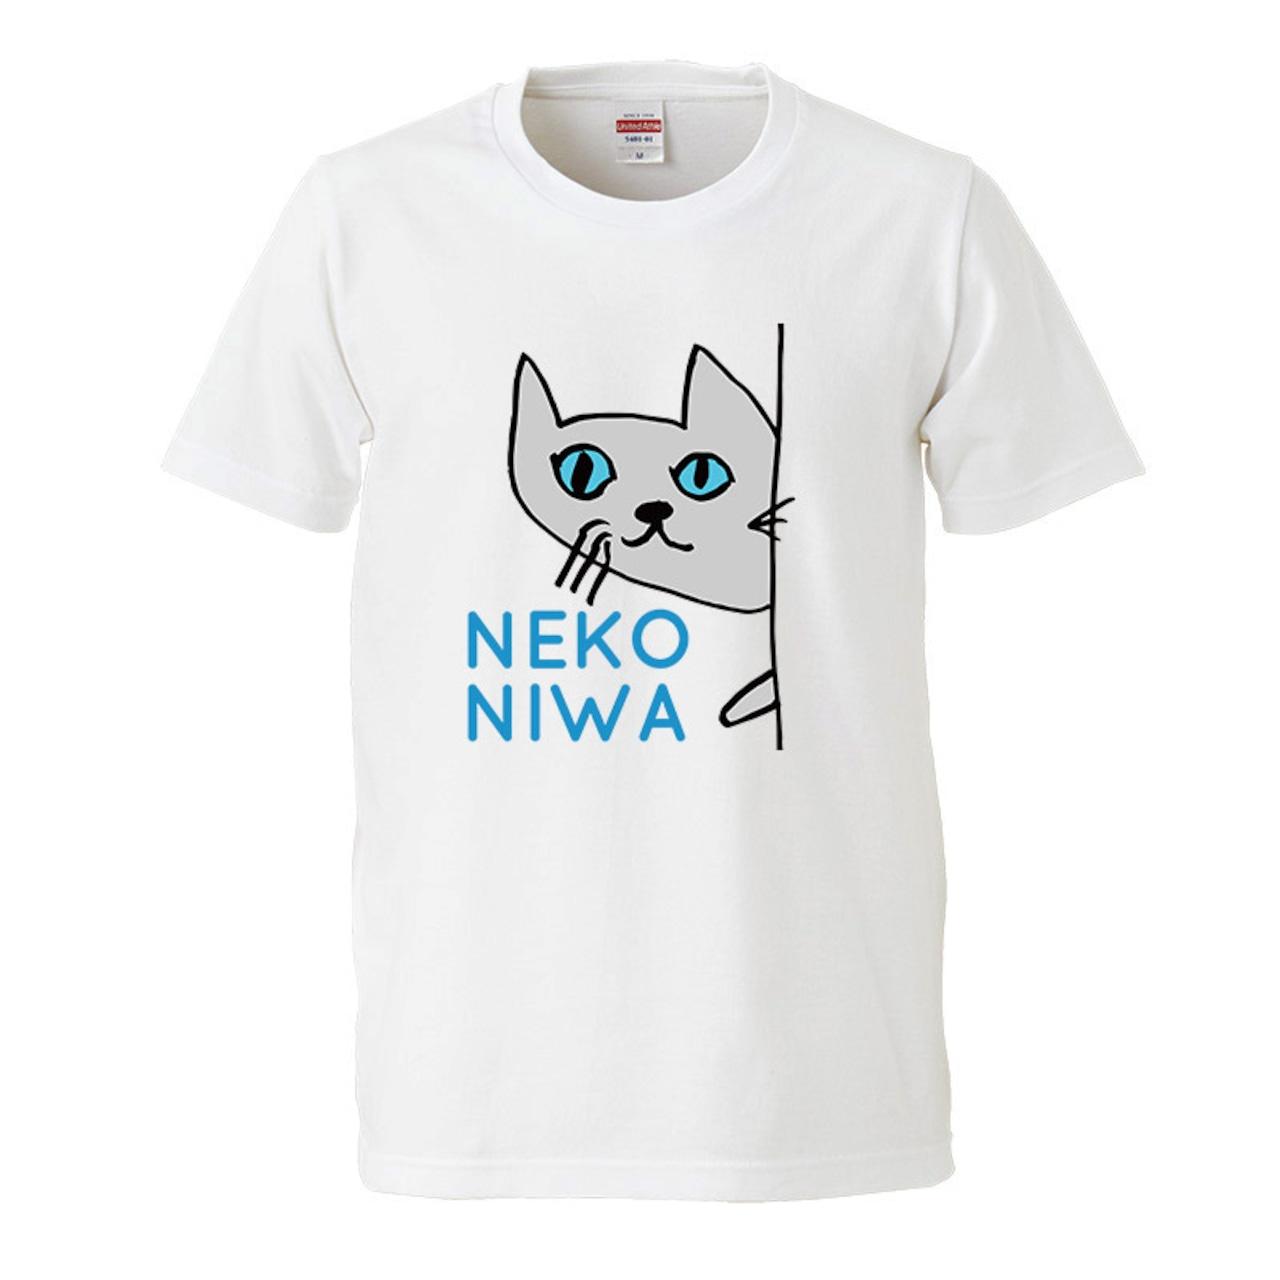 【猫庭Tシャツ】グレー 全国送料無料!!